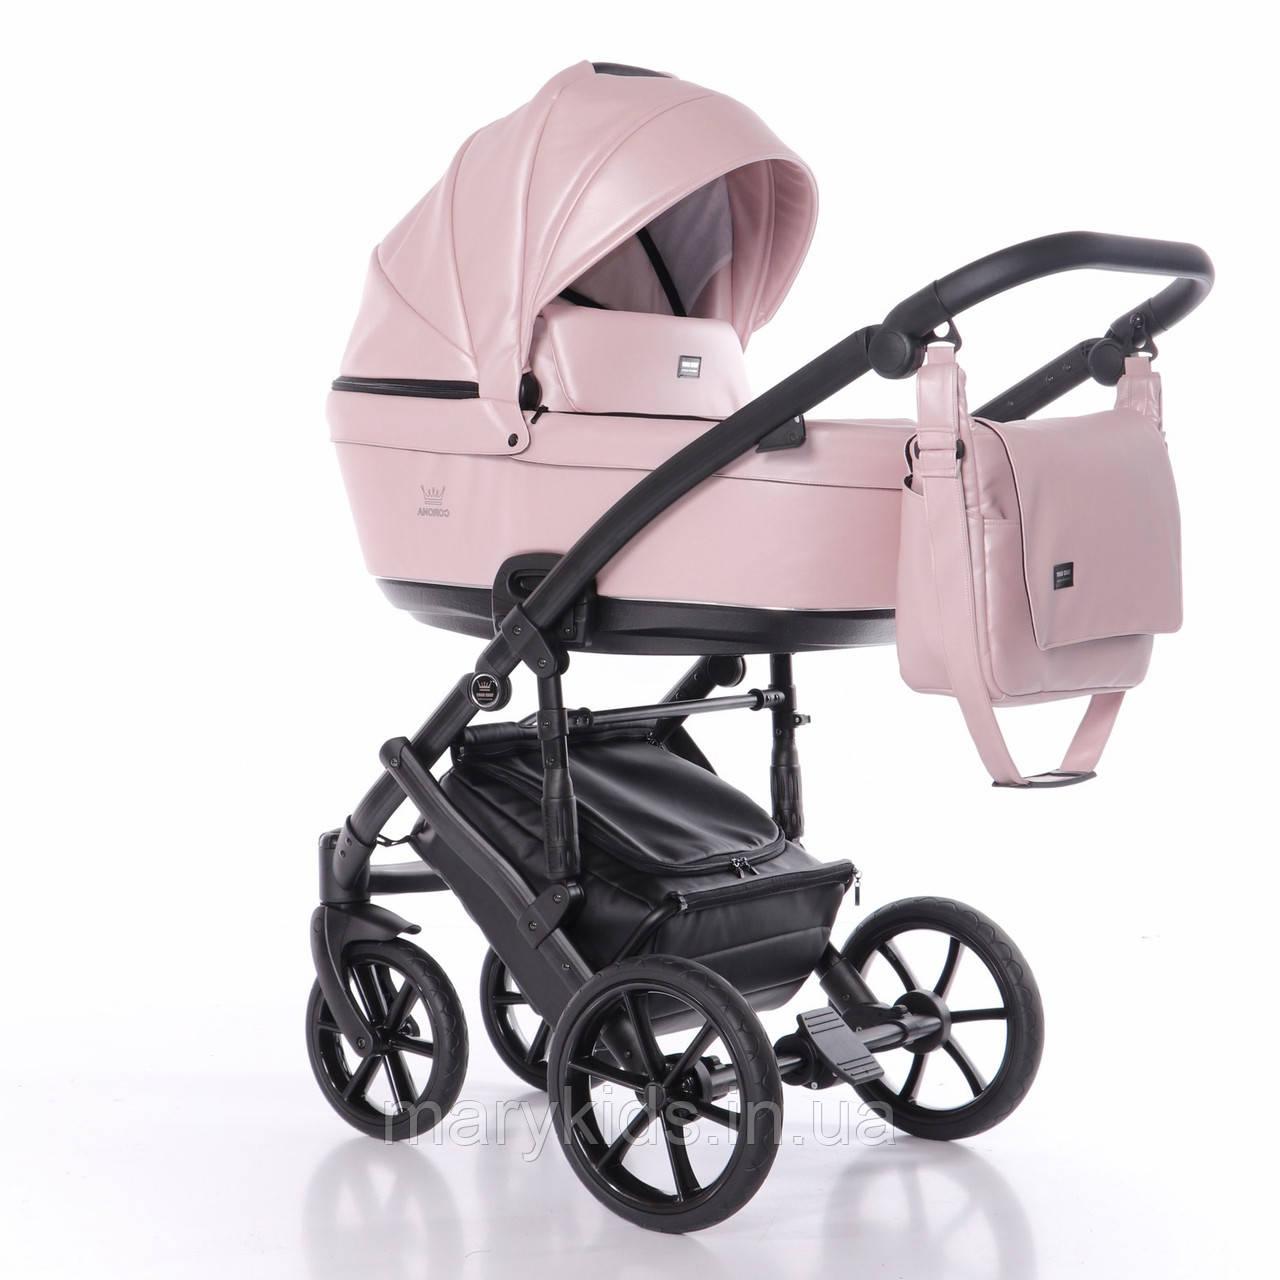 Детская универсальная коляска 2 в 1 Tako Corona Eco 01